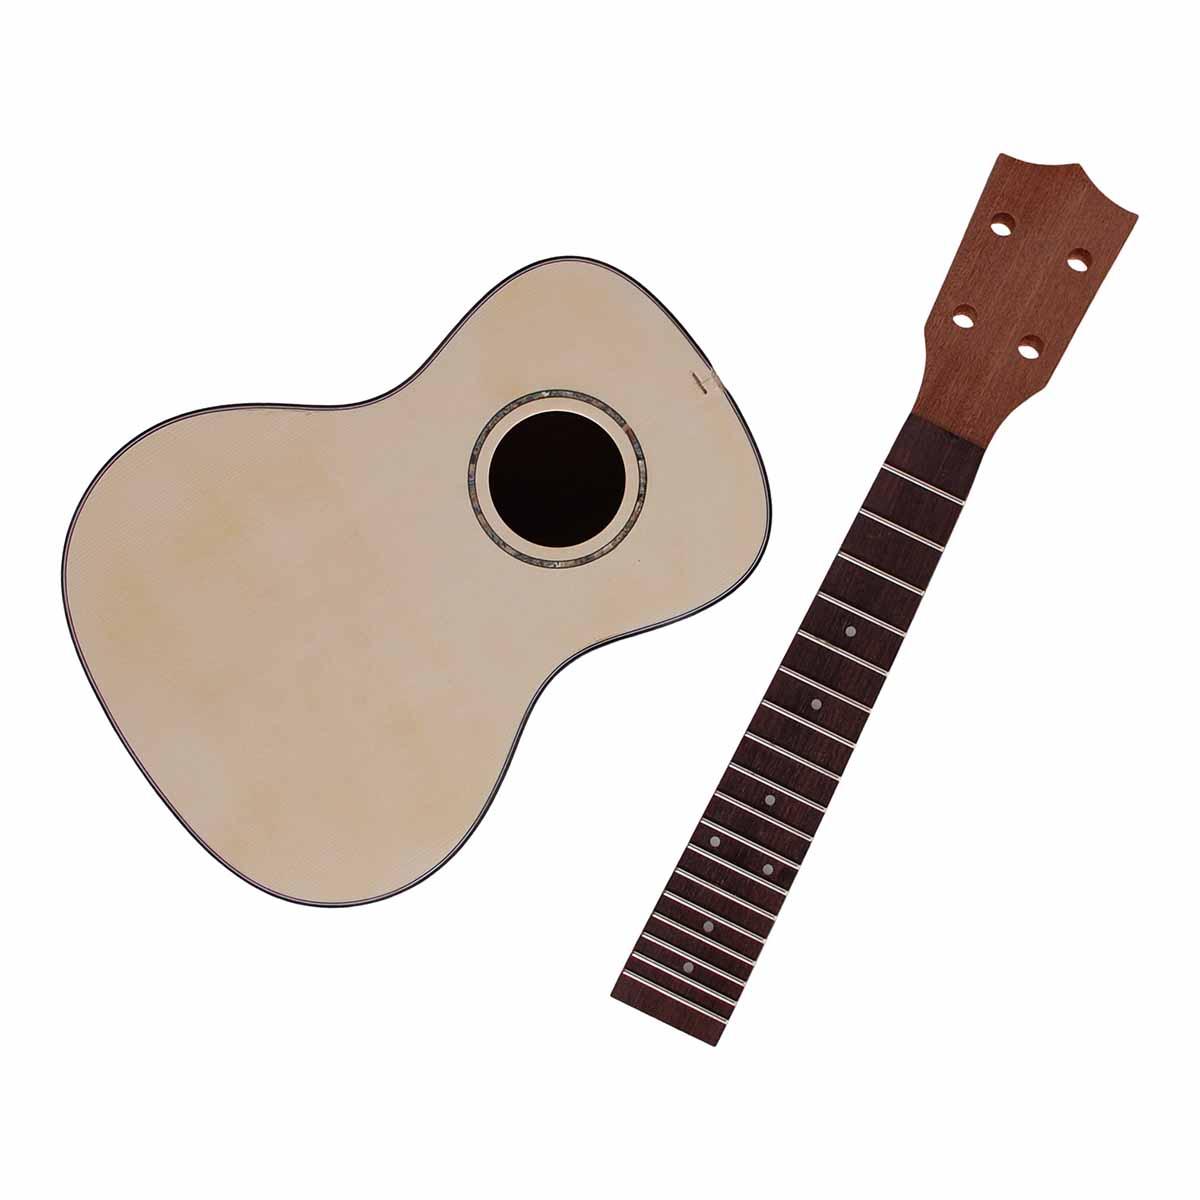 Billede af Beaton DIY-UK-21 ukulele samle-selv-sæt